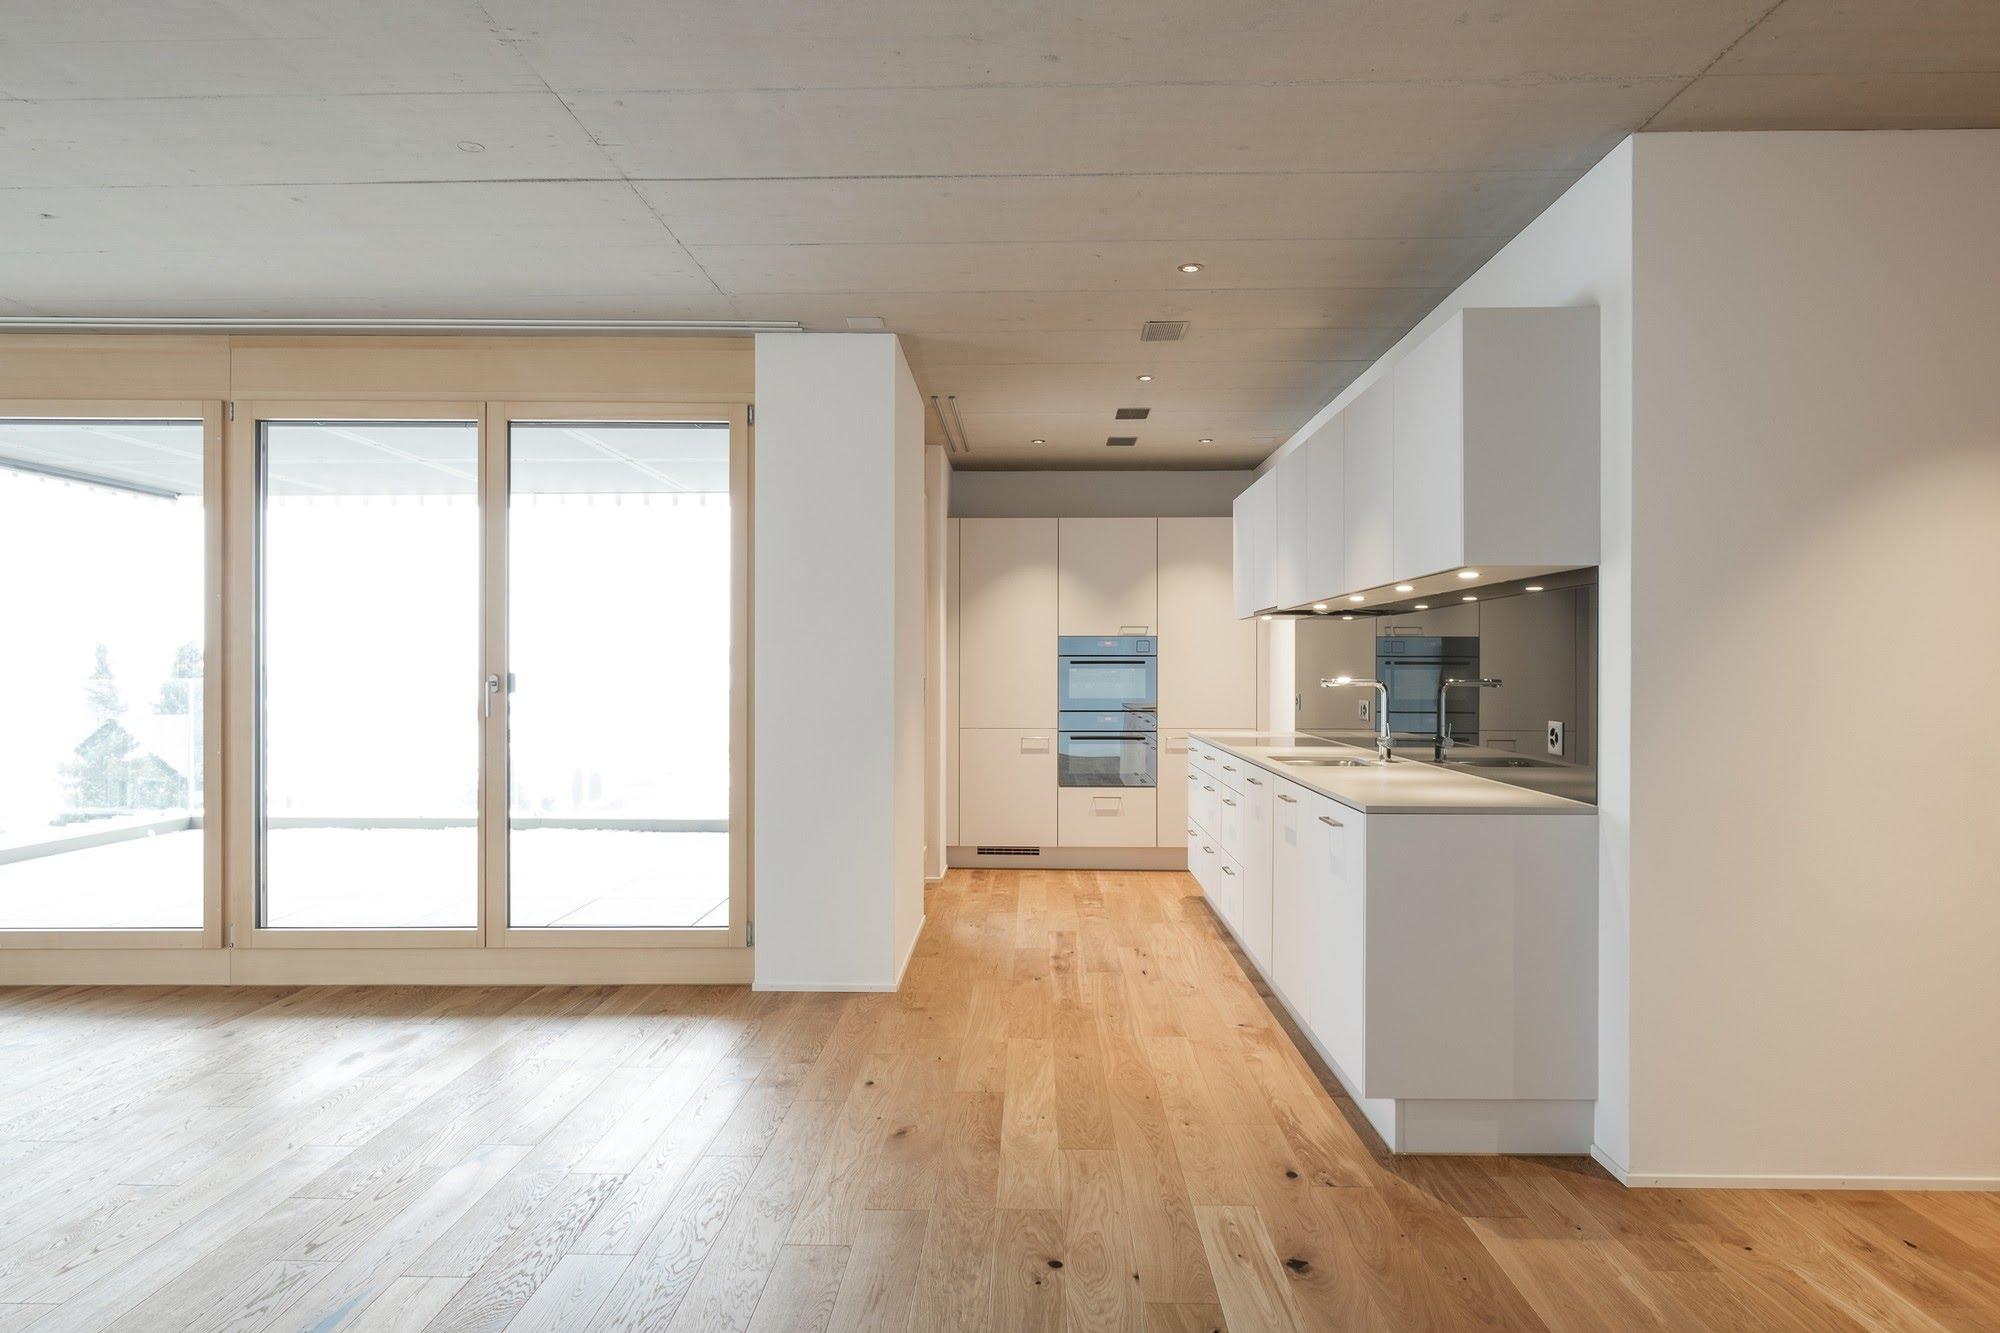 Wohnen MFH,Gewerbe Büro- und Wohngebäude in Schenkon Architektur,Wohnungsbau,Wohnhäuser,Einfamilienhäuser,Mehrfamilienhäuser